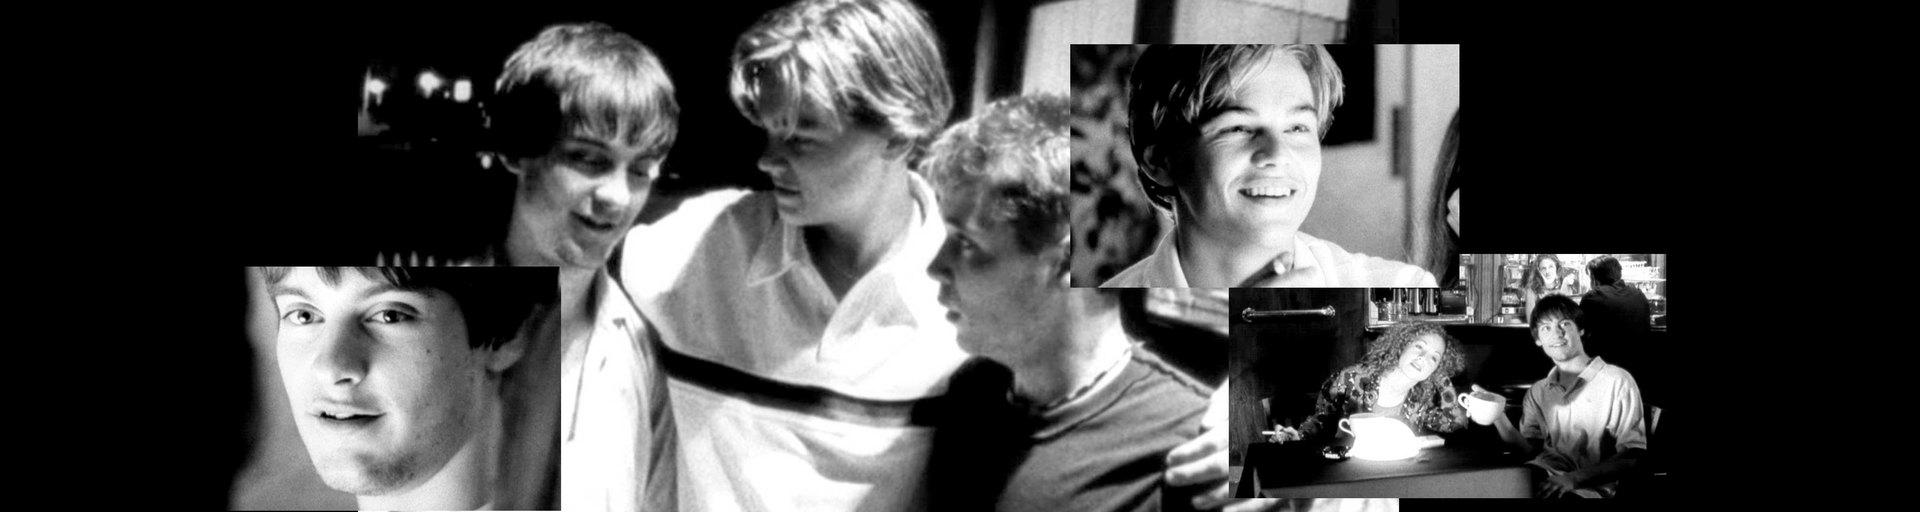 О чем фильм «Кафе «Донс Плам», вкотором снялись 20-летние ДиКаприо иМагуайр (и почему актеры его стыдятся)